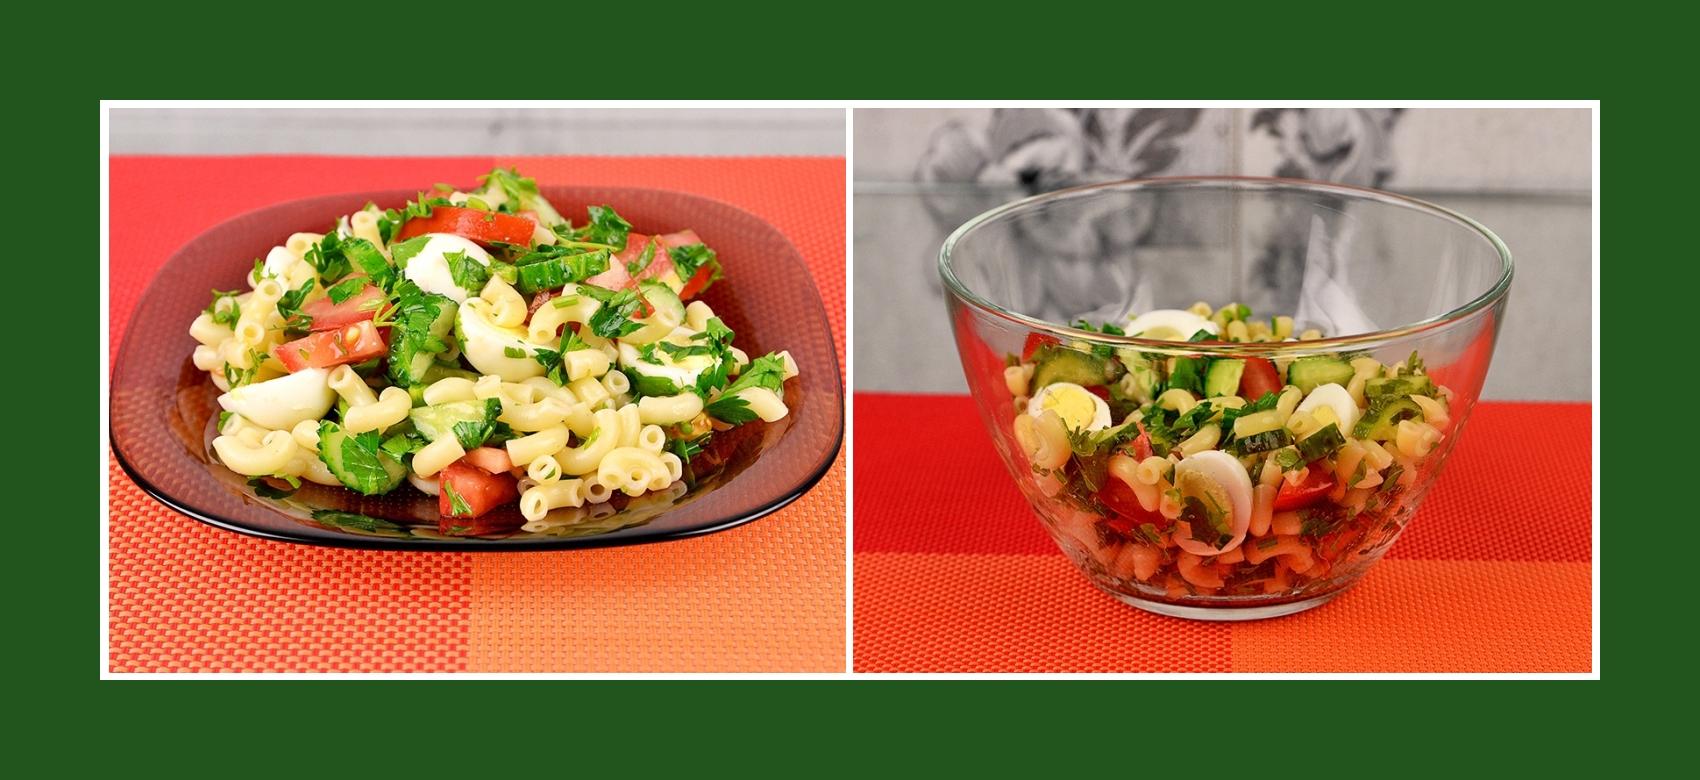 Bunter Nudelsalat mit Gurken, Tomaten und Wachteleiern